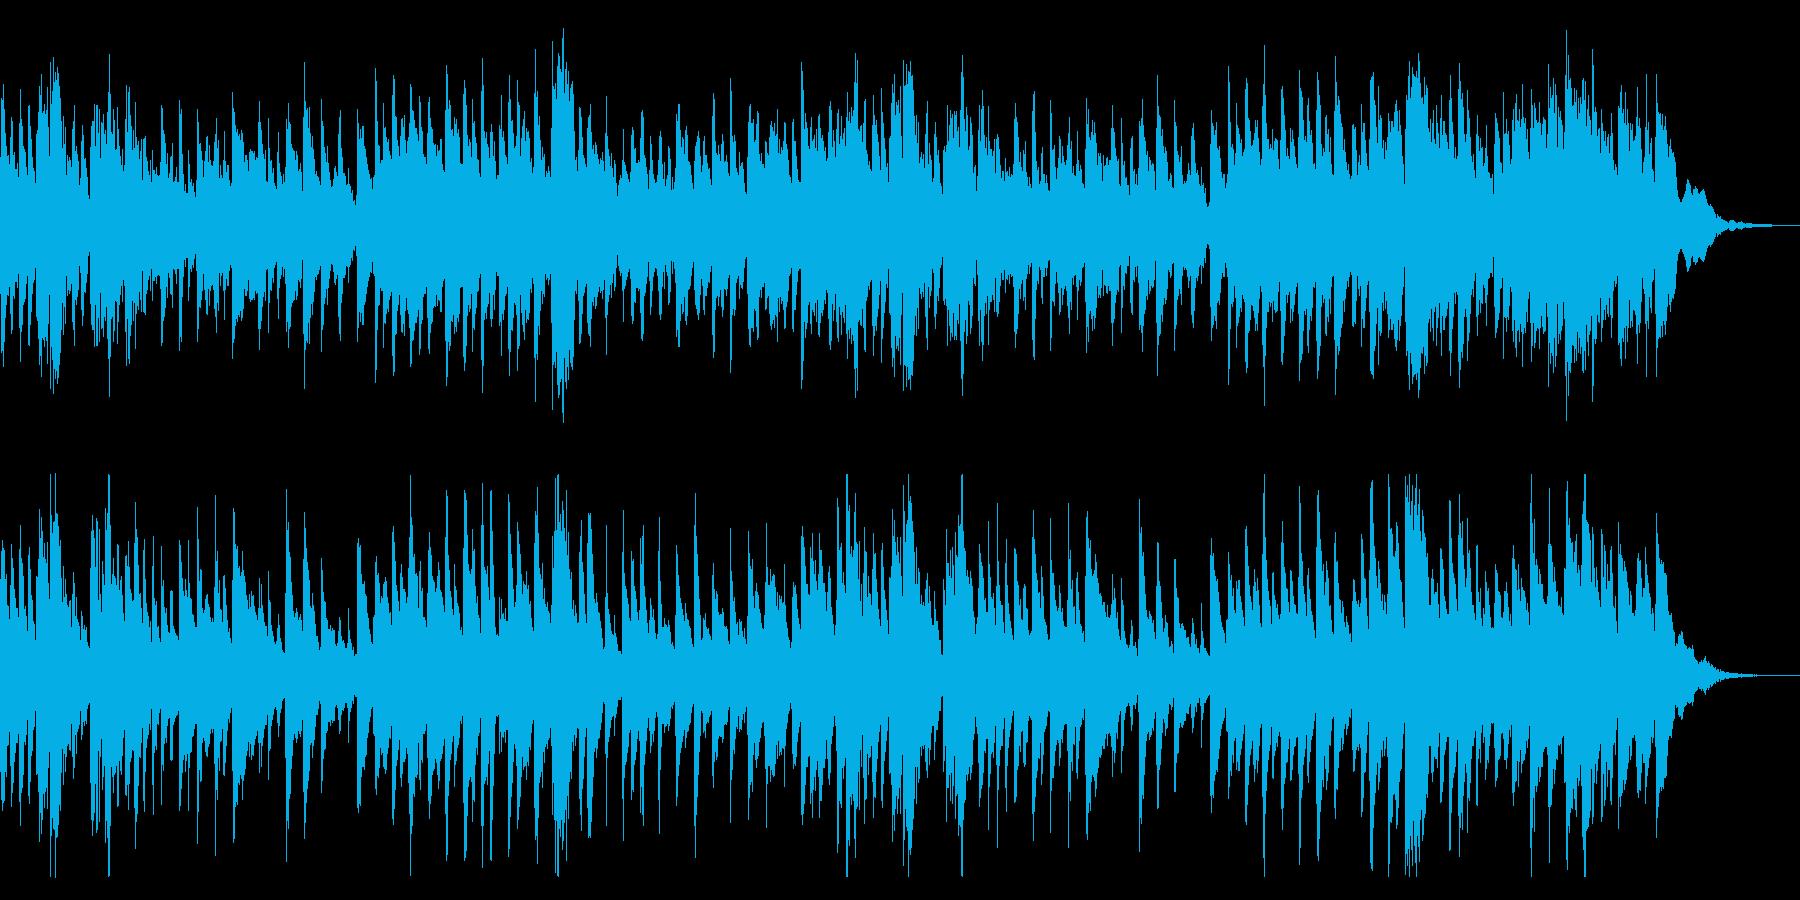 眠たげな雰囲気のアリアの再生済みの波形